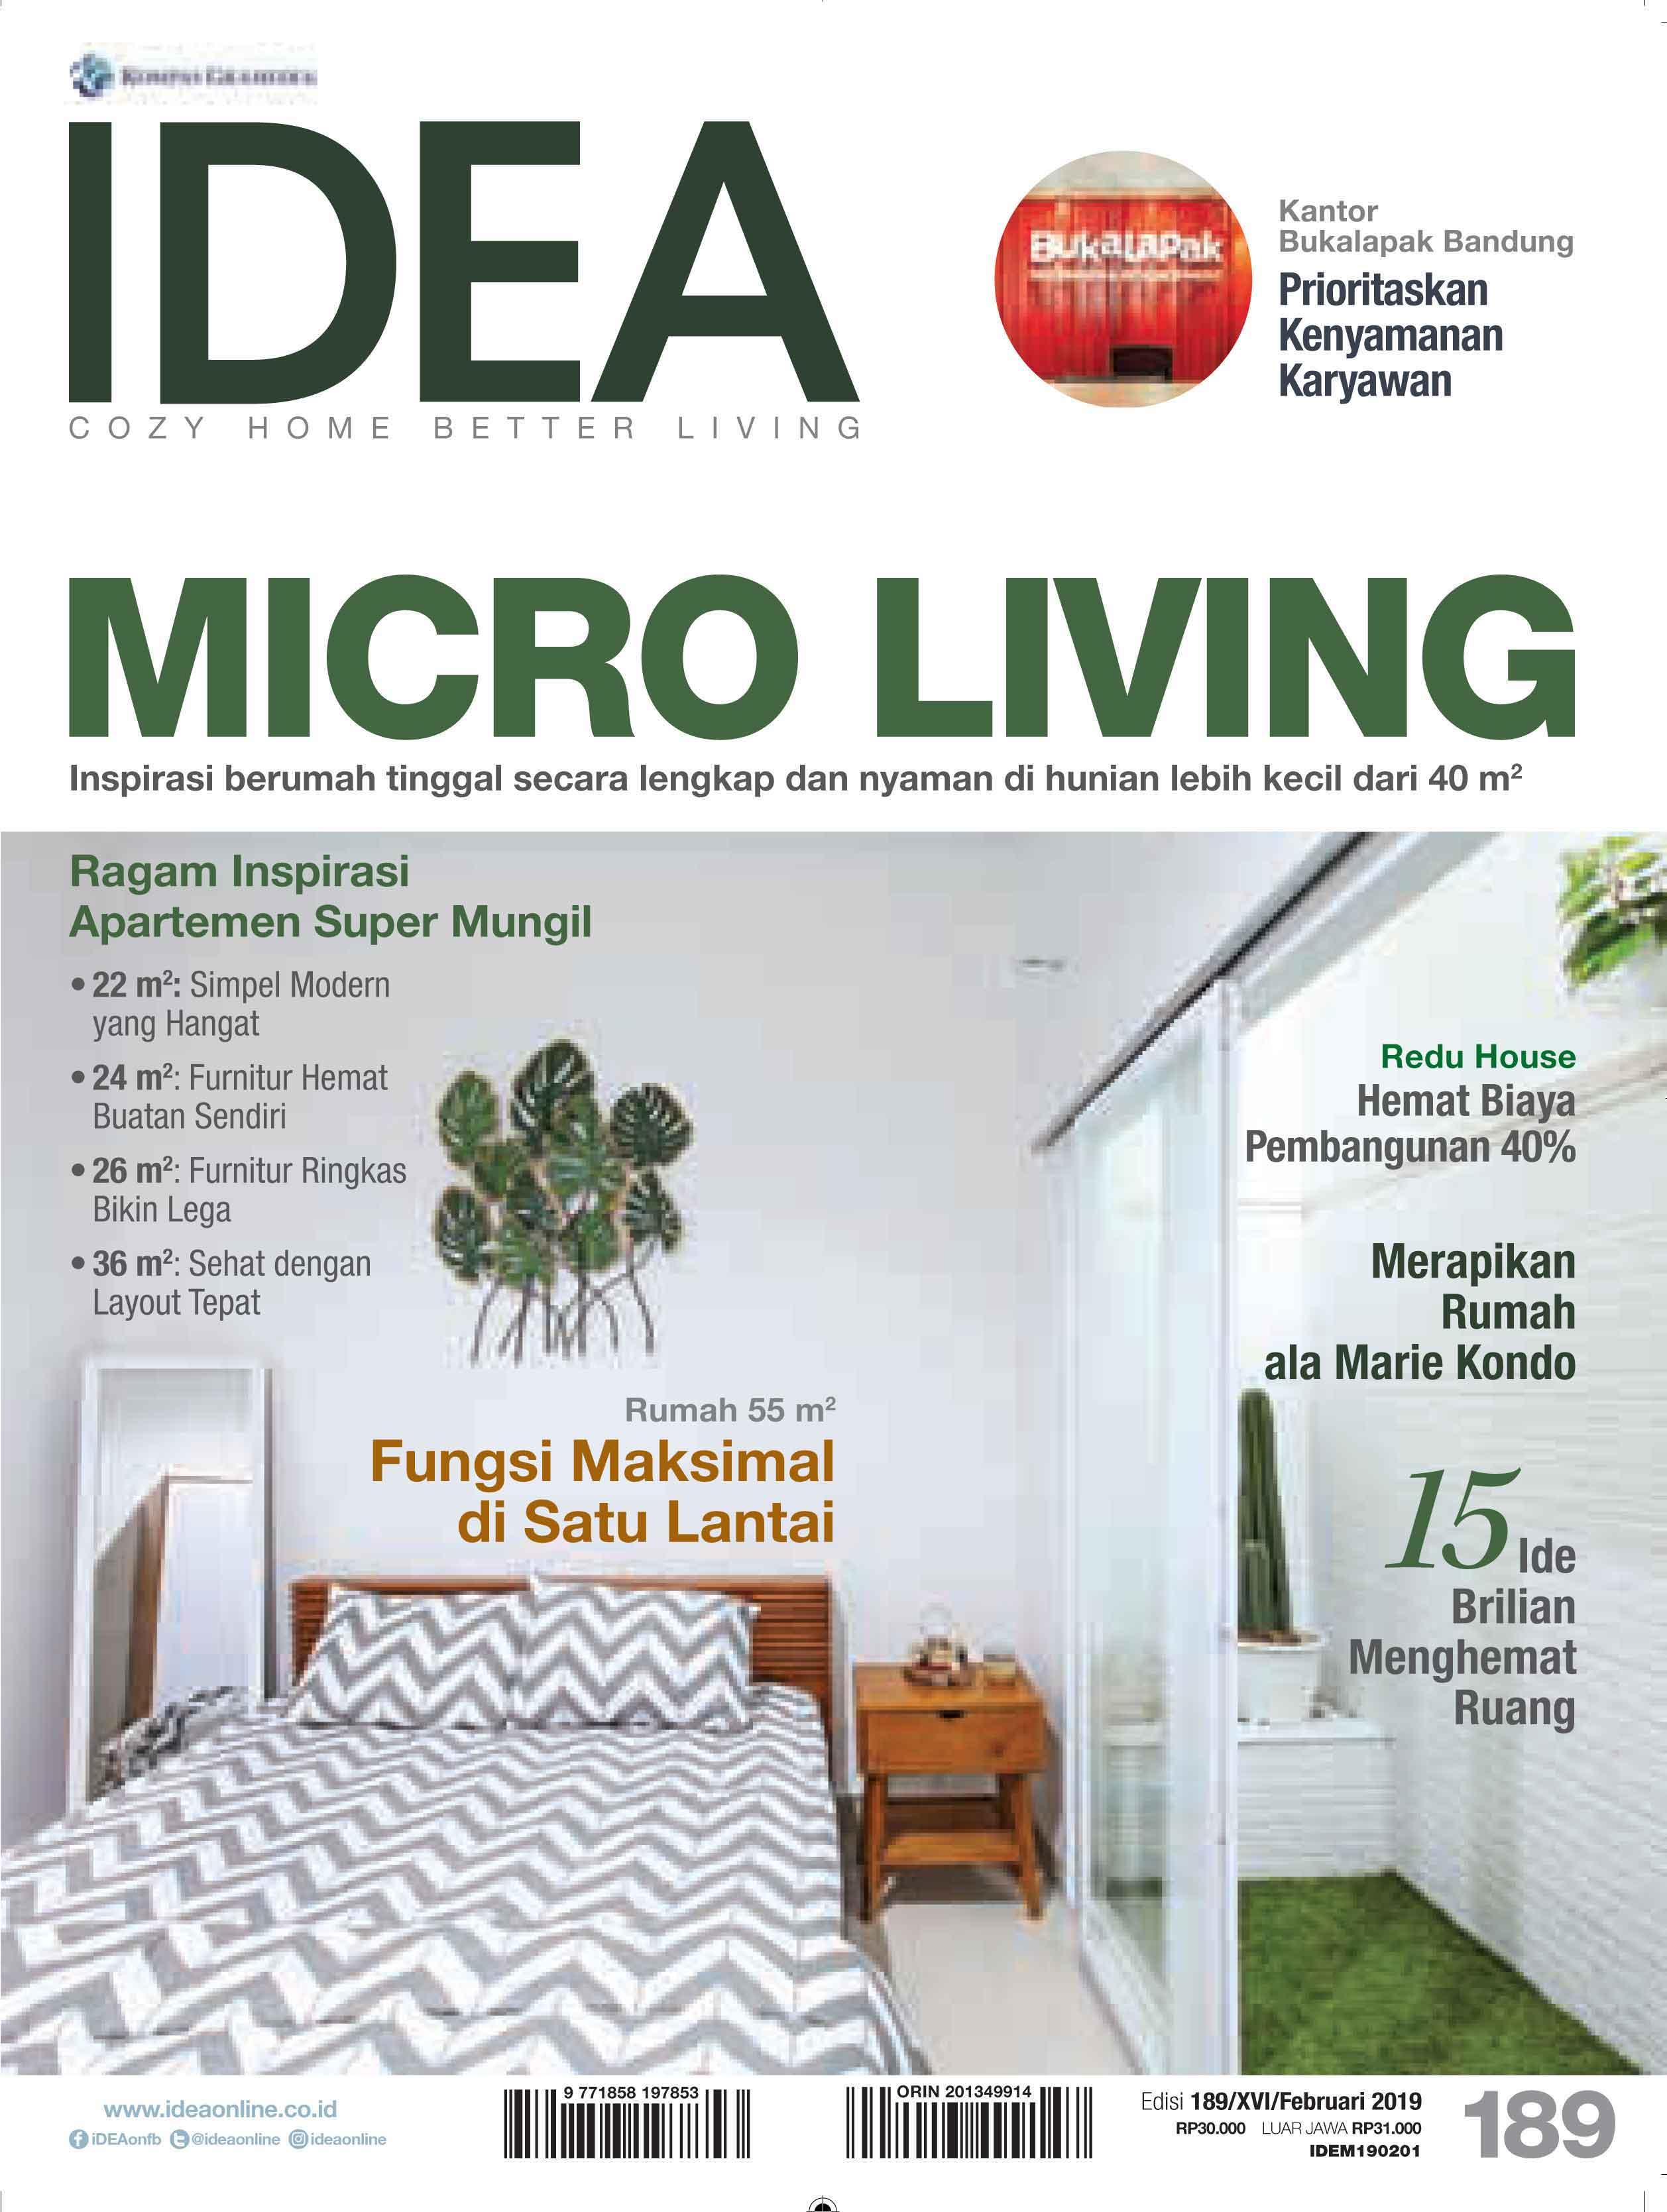 ARSITEKINTERIOR.COM dalam majalah IDEA Edisi 189 Februari 2019, karya dan narasumber MICRO LIVING